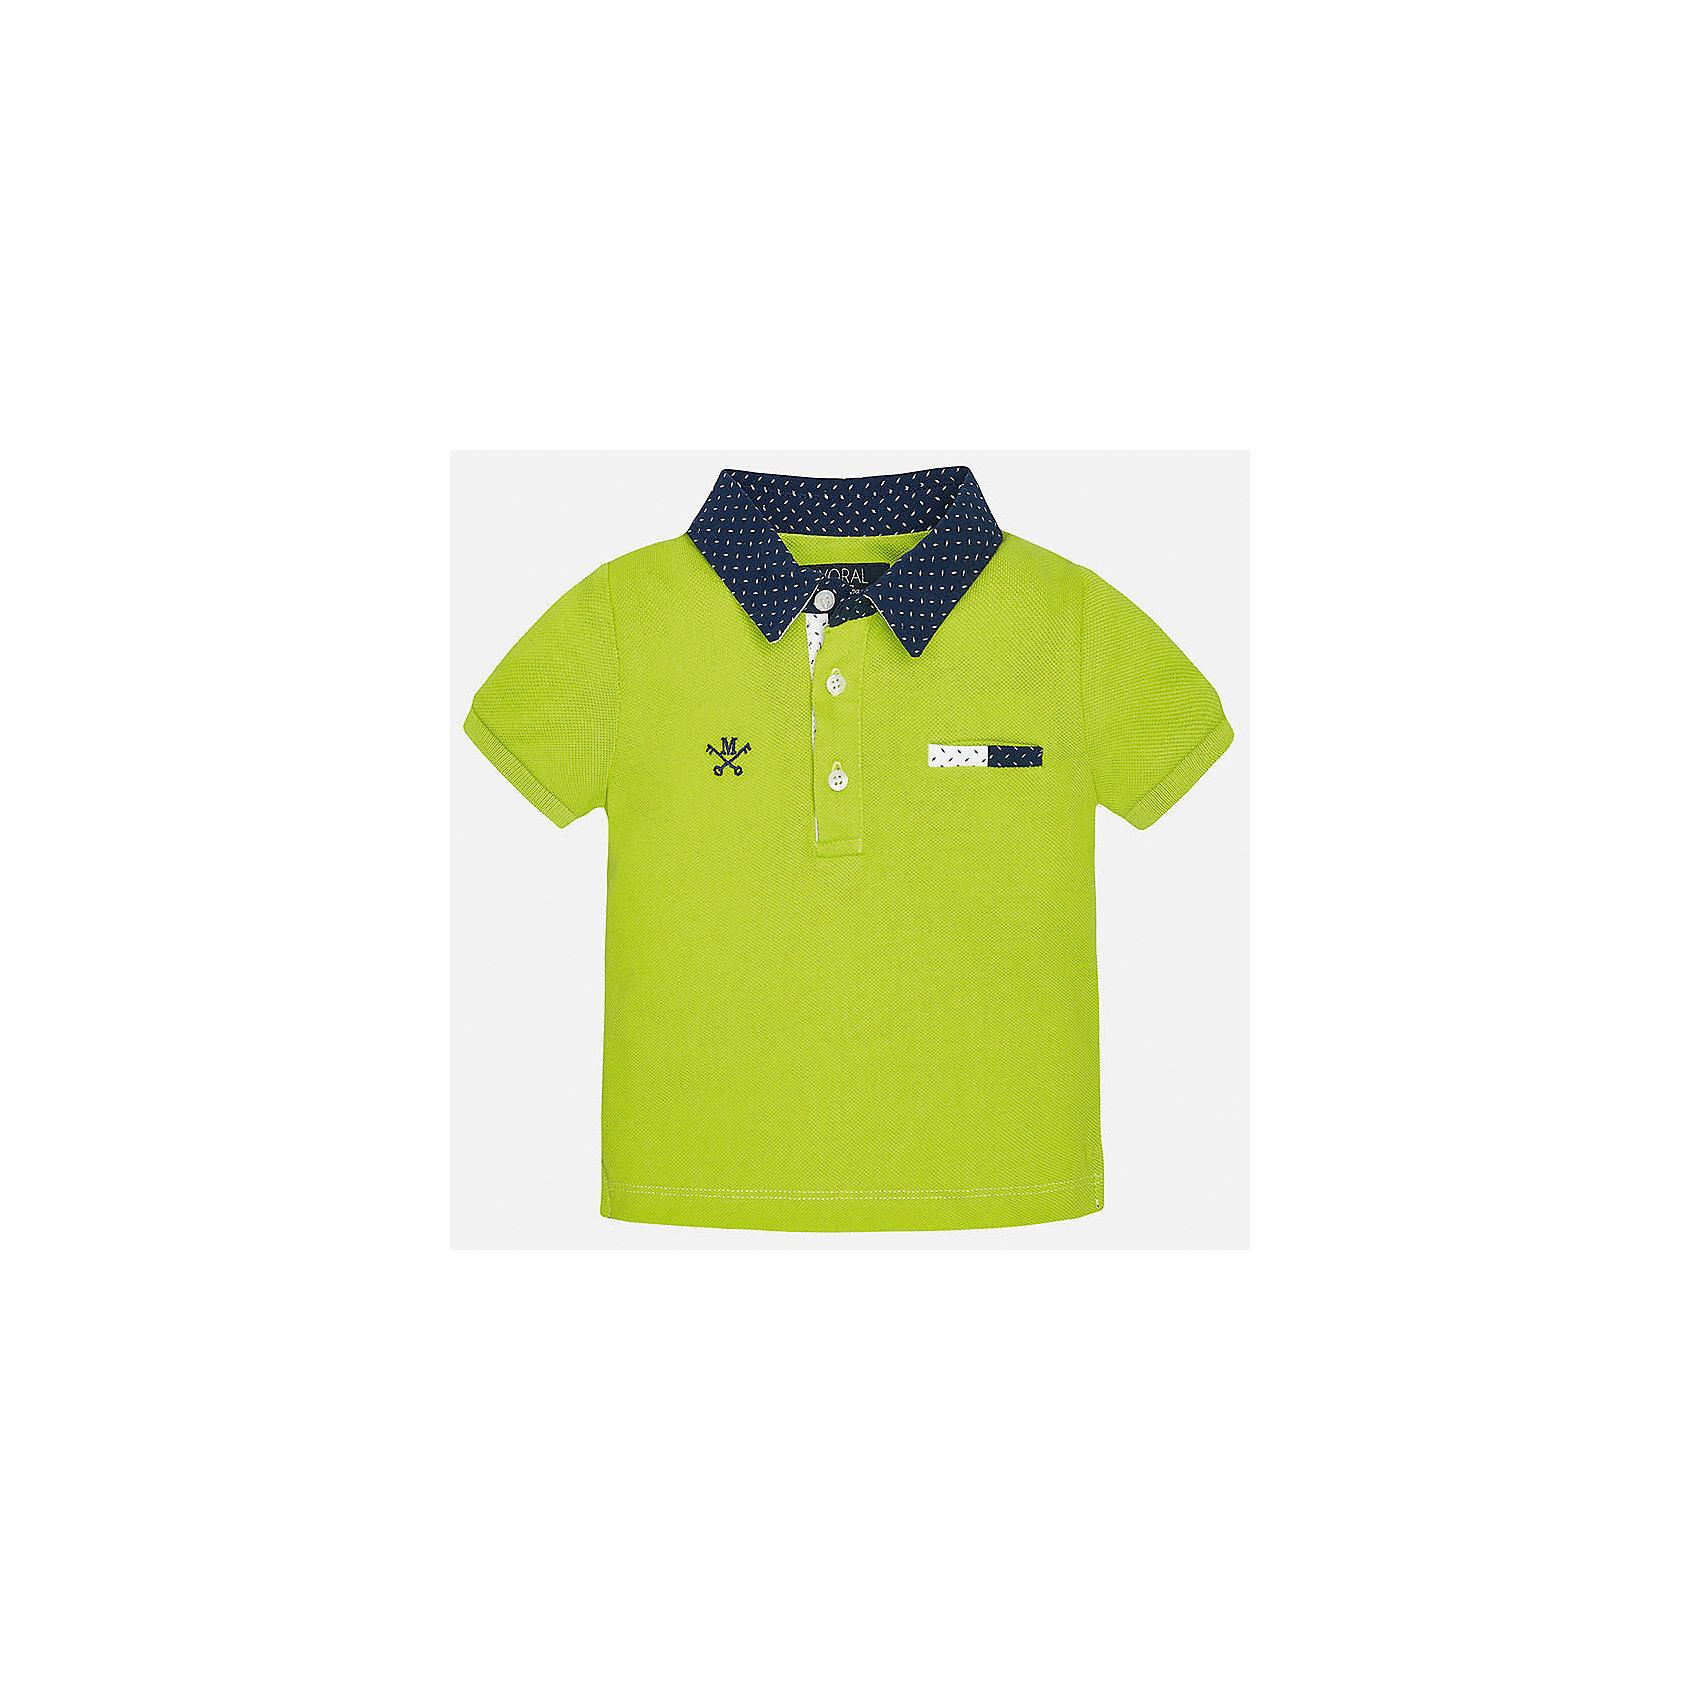 Футболка-поло для мальчика MayoralФутболки, поло и топы<br>Характеристики товара:<br><br>• цвет: зеленый<br>• состав: 100% хлопок<br>• отложной воротник<br>• короткие рукава<br>• застежка: пуговицы<br>• вышивка и карман на груди<br>• страна бренда: Испания<br><br>Удобная и модная рубашка-поло для мальчика может стать базовой вещью в гардеробе ребенка. Она отлично сочетается с брюками, шортами, джинсами и т.д. Универсальный крой и цвет позволяет подобрать к вещи низ разных расцветок. Практичное и стильное изделие! В составе материала - только натуральный хлопок, гипоаллергенный, приятный на ощупь, дышащий.<br><br>Одежда, обувь и аксессуары от испанского бренда Mayoral полюбились детям и взрослым по всему миру. Модели этой марки - стильные и удобные. Для их производства используются только безопасные, качественные материалы и фурнитура. Порадуйте ребенка модными и красивыми вещами от Mayoral! <br><br>Рубашку-поло для мальчика от испанского бренда Mayoral (Майорал) можно купить в нашем интернет-магазине.<br><br>Ширина мм: 199<br>Глубина мм: 10<br>Высота мм: 161<br>Вес г: 151<br>Цвет: зеленый<br>Возраст от месяцев: 12<br>Возраст до месяцев: 15<br>Пол: Мужской<br>Возраст: Детский<br>Размер: 80,86,92<br>SKU: 5278534